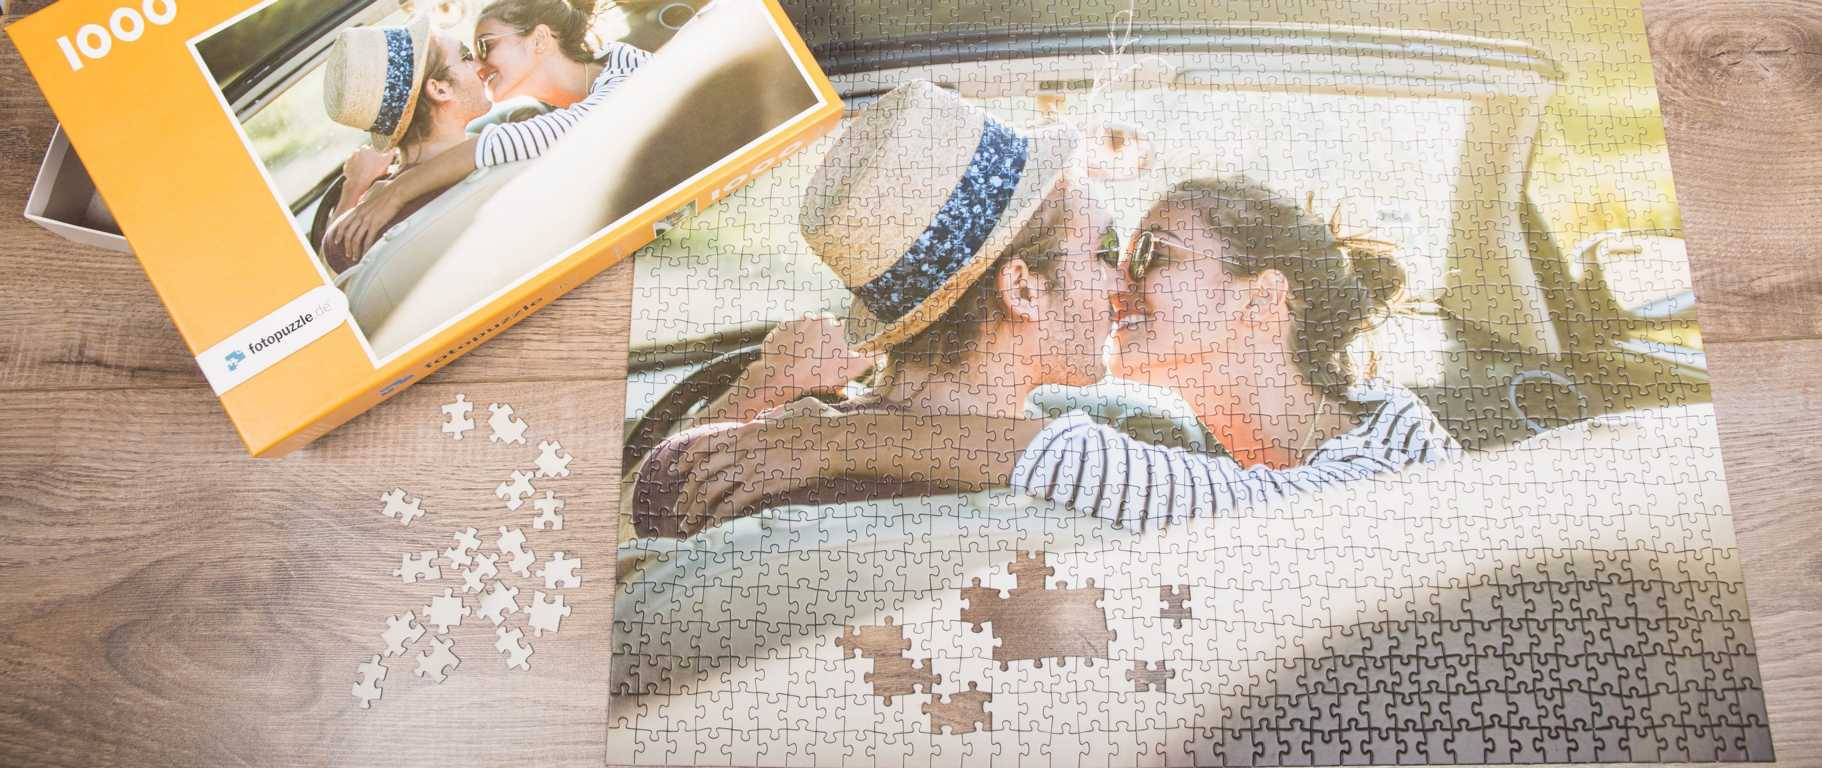 Mit einem Fotopuzzle kann man sich gemeinsam und intensiv an tolle Momente erinnern